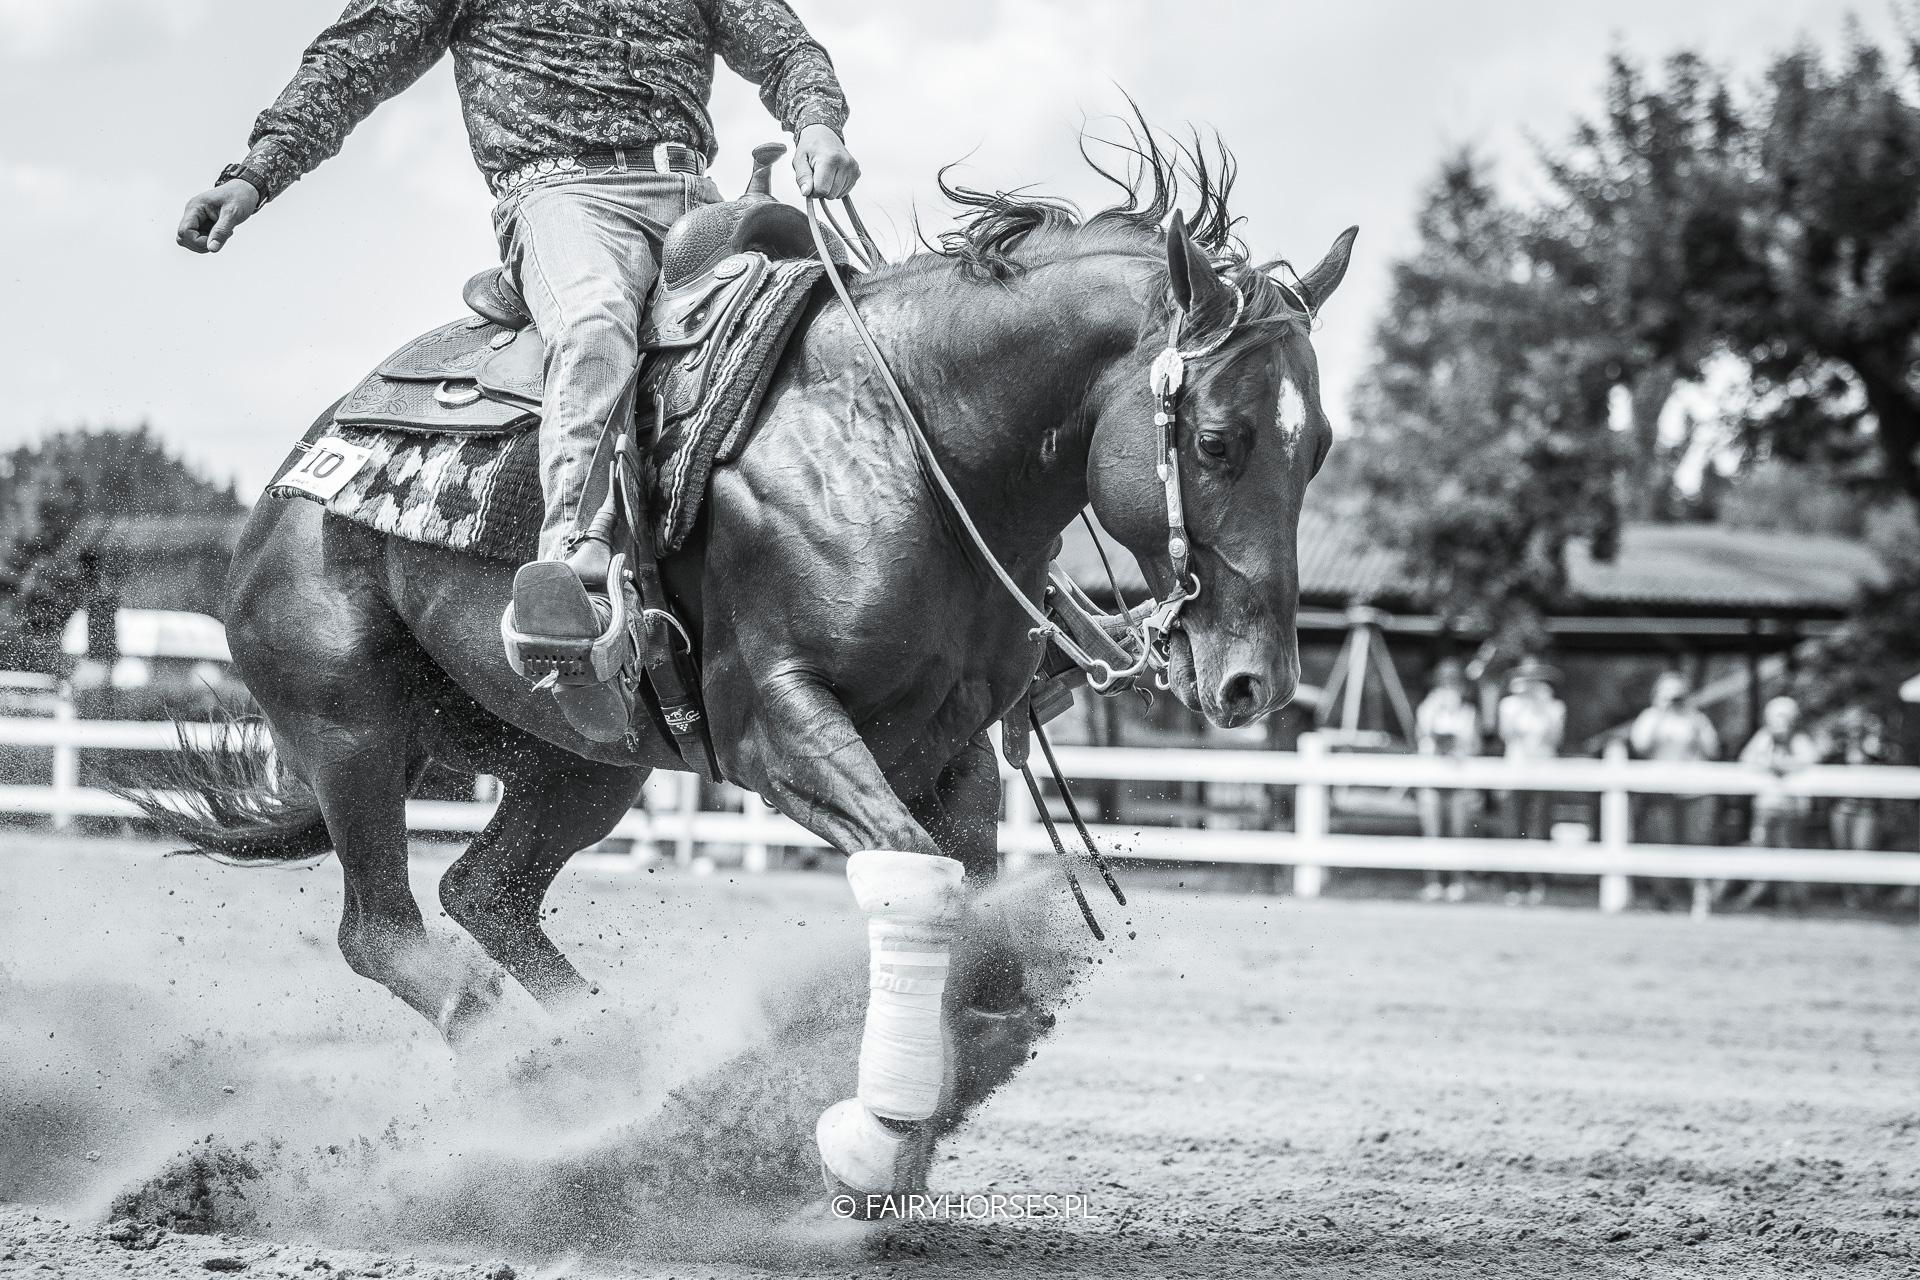 Sesja z koniem, zdjęcia jeździeckie, sesja konna, western